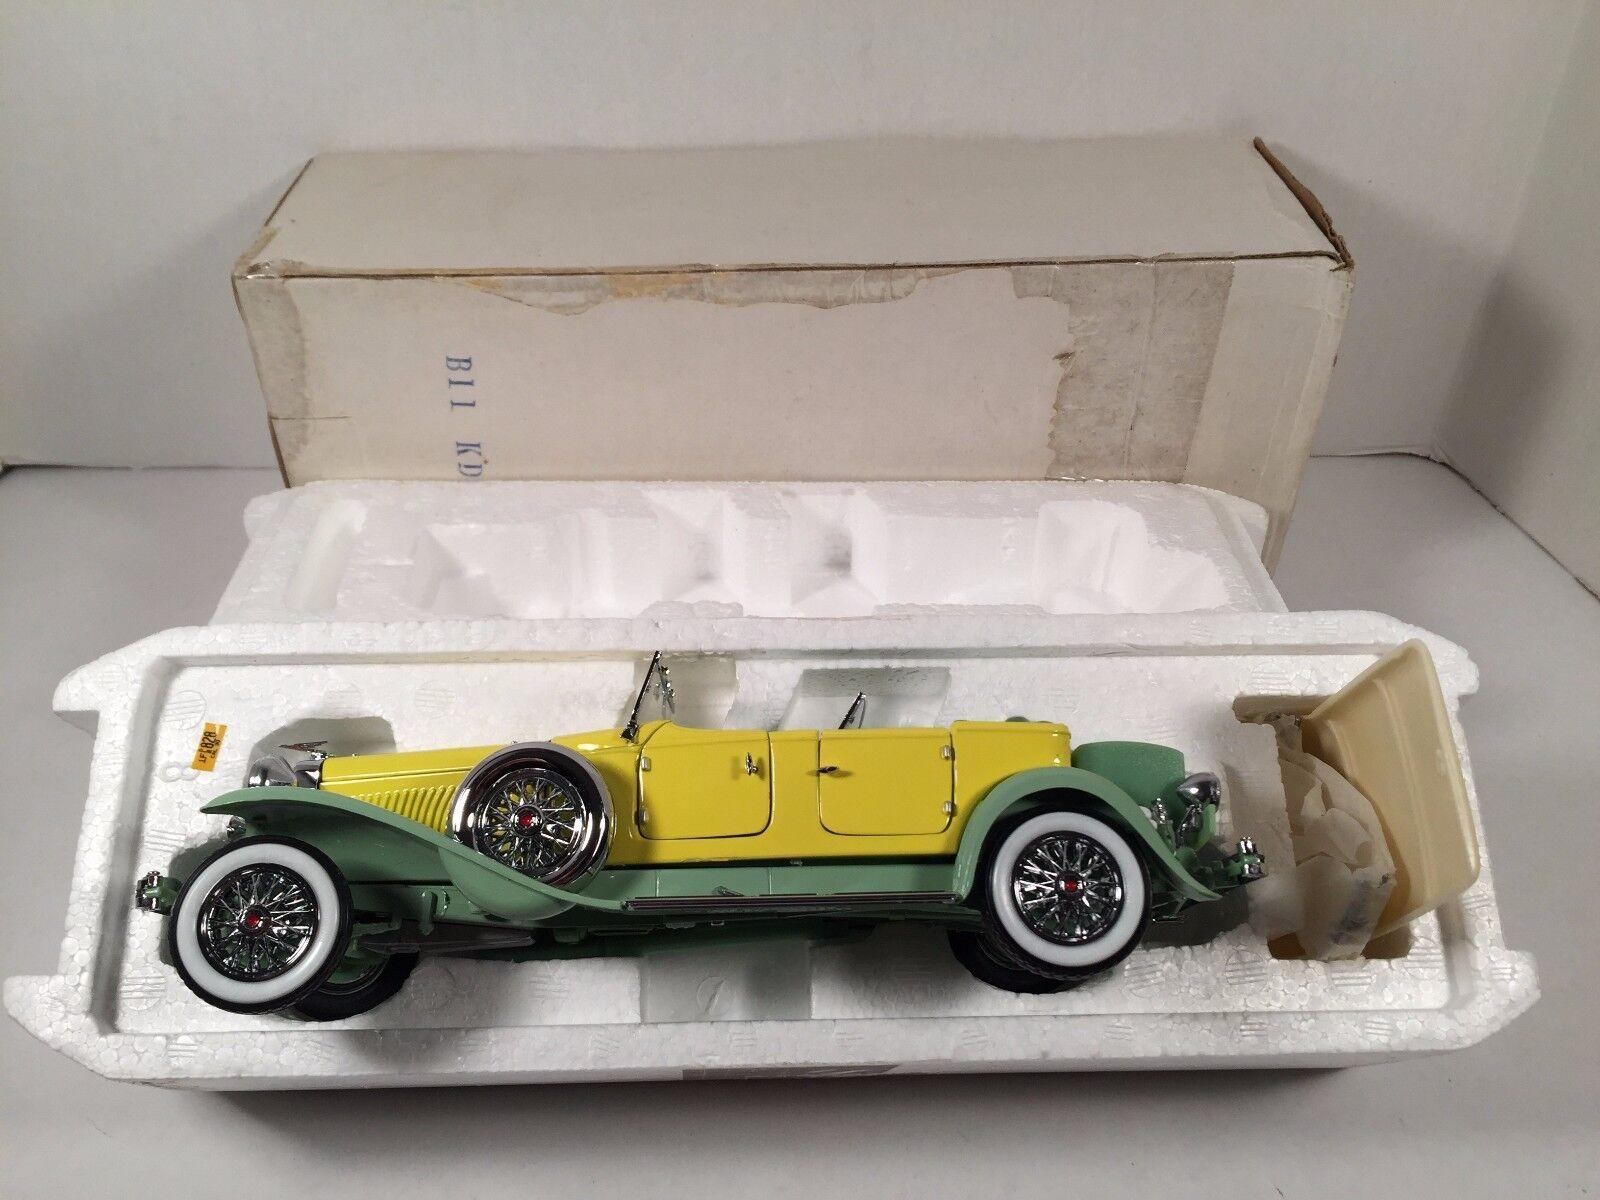 envío gratuito a nivel mundial Franklin Mint 1930 Duesenberg J Derham tourster Converdeible Converdeible Converdeible 1 24 Amarillo B11KD09  bajo precio